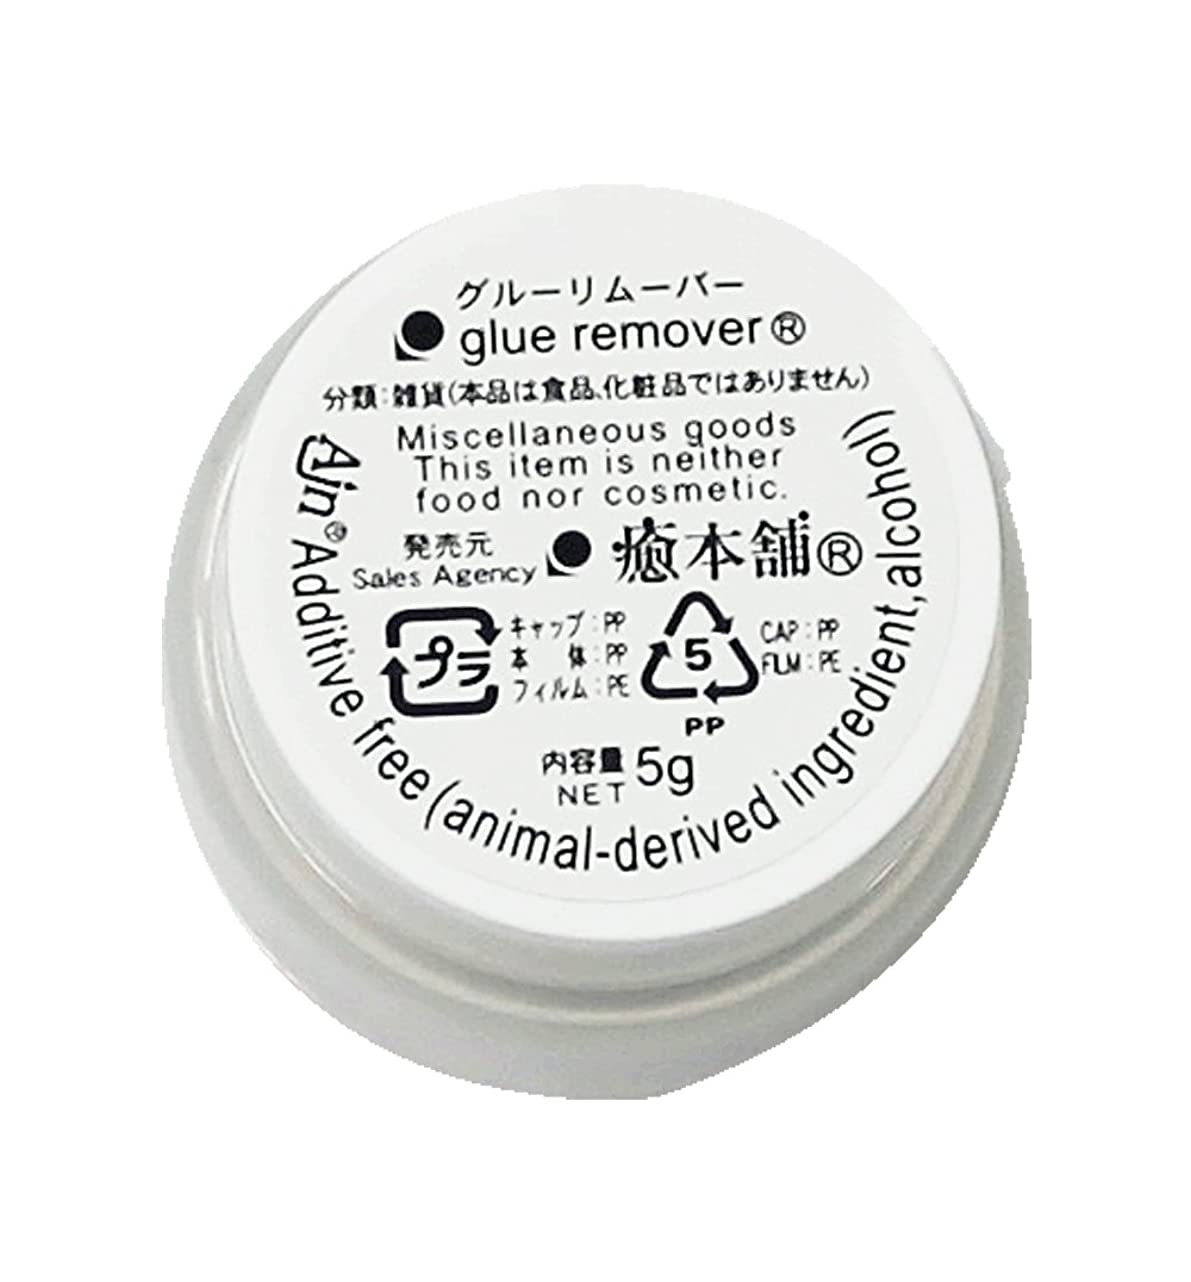 確立遅らせる安全なマツエク リムーバー グルークリームリムーバー5g 容器入り店販用 まつげエクステ (1個)